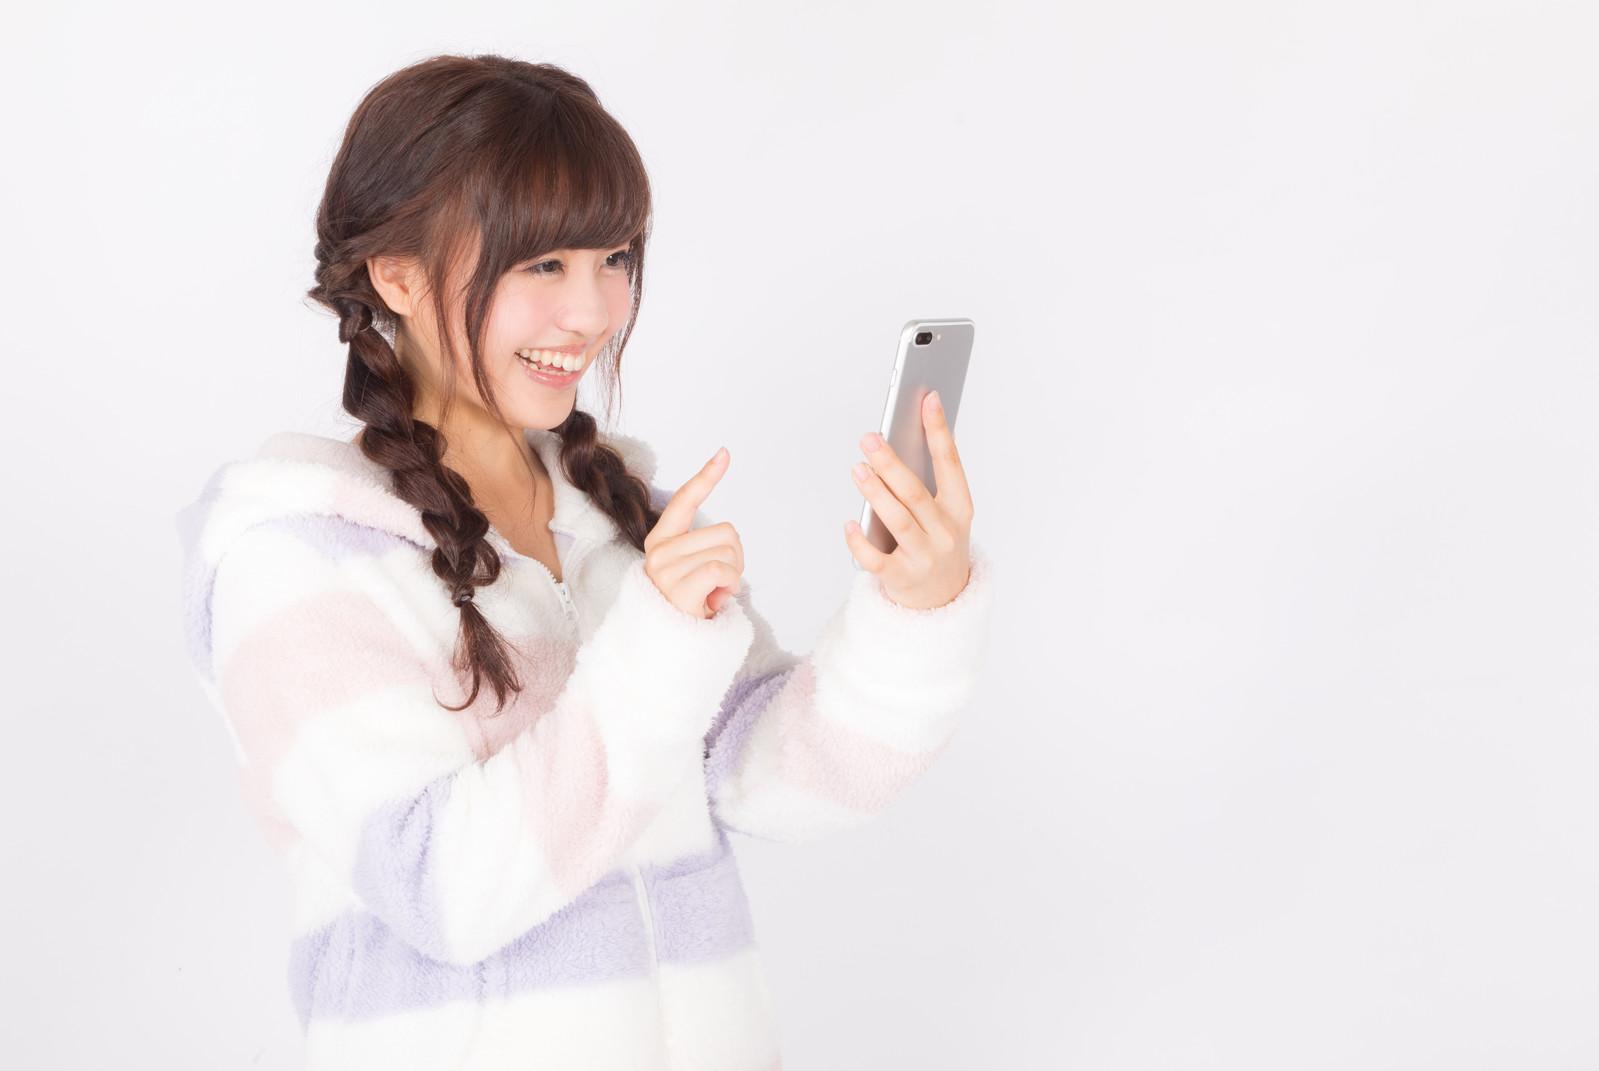 iPhoneやiPadでテレビ電話ができるアプリ4選!